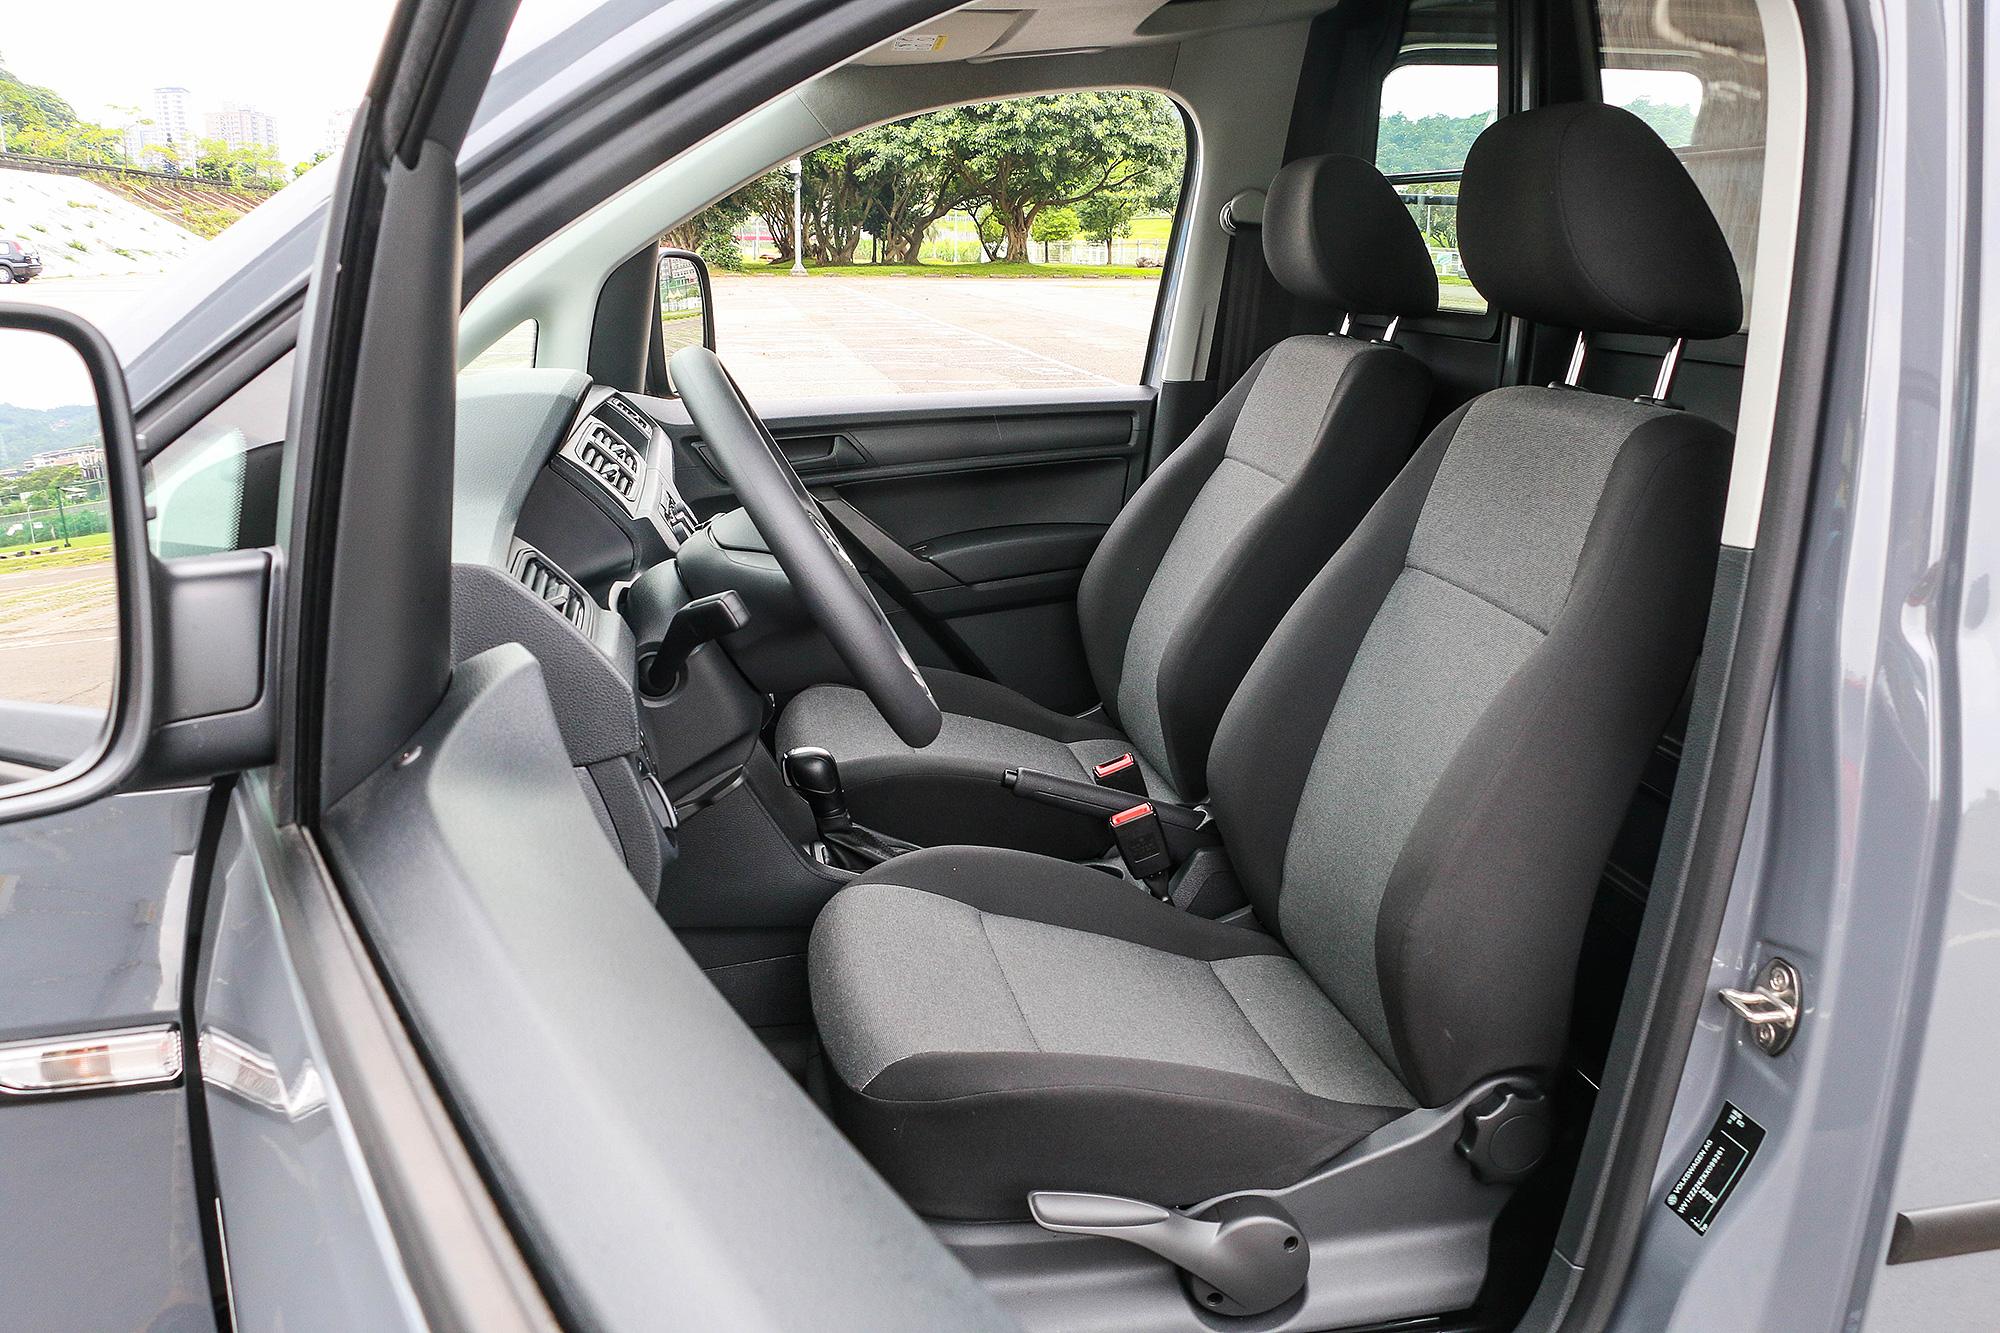 駕駛姿勢與一般房車接近,不僅更自在也更舒適,更能降低疲勞的累積。